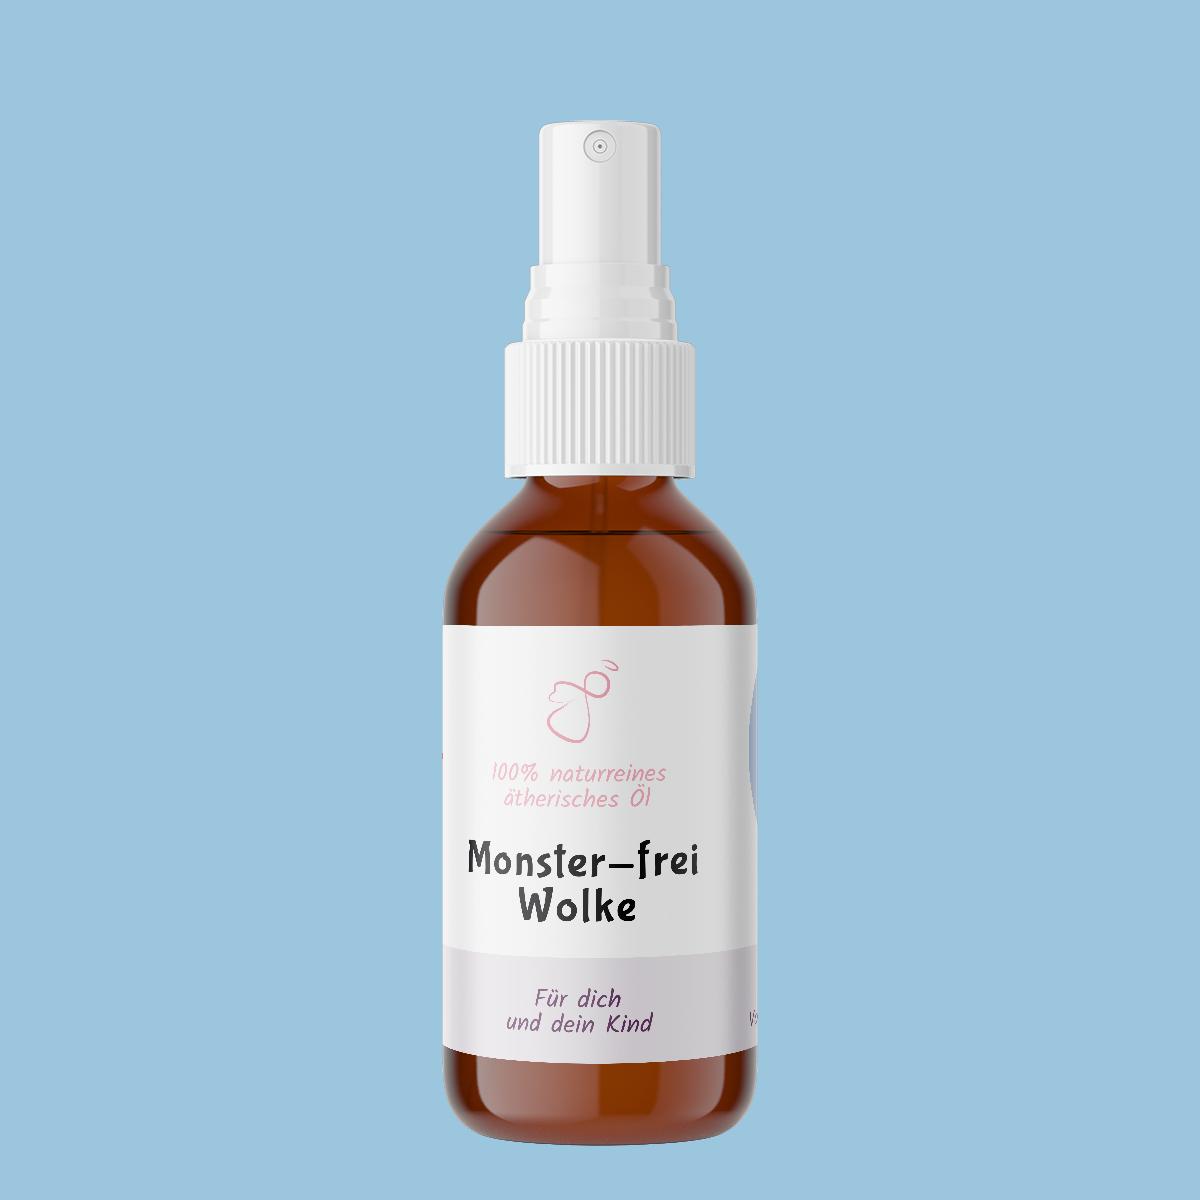 Monster-frei Wolke Aromaspray Raumduft Schutzengelmein